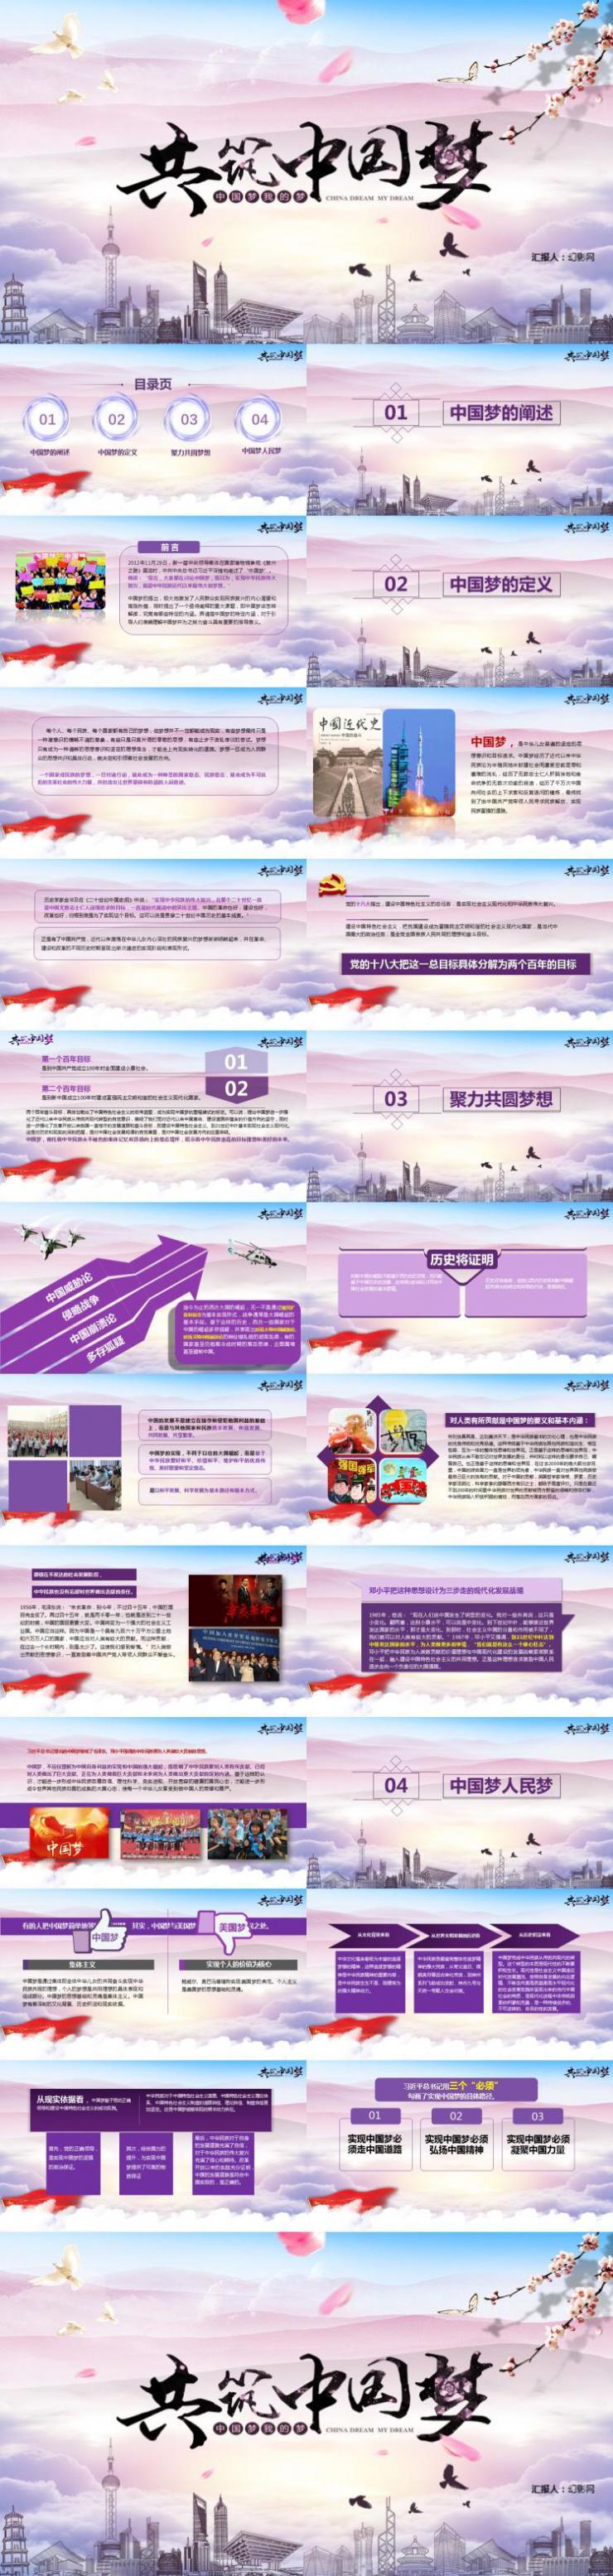 共筑中国梦PPT模板下载